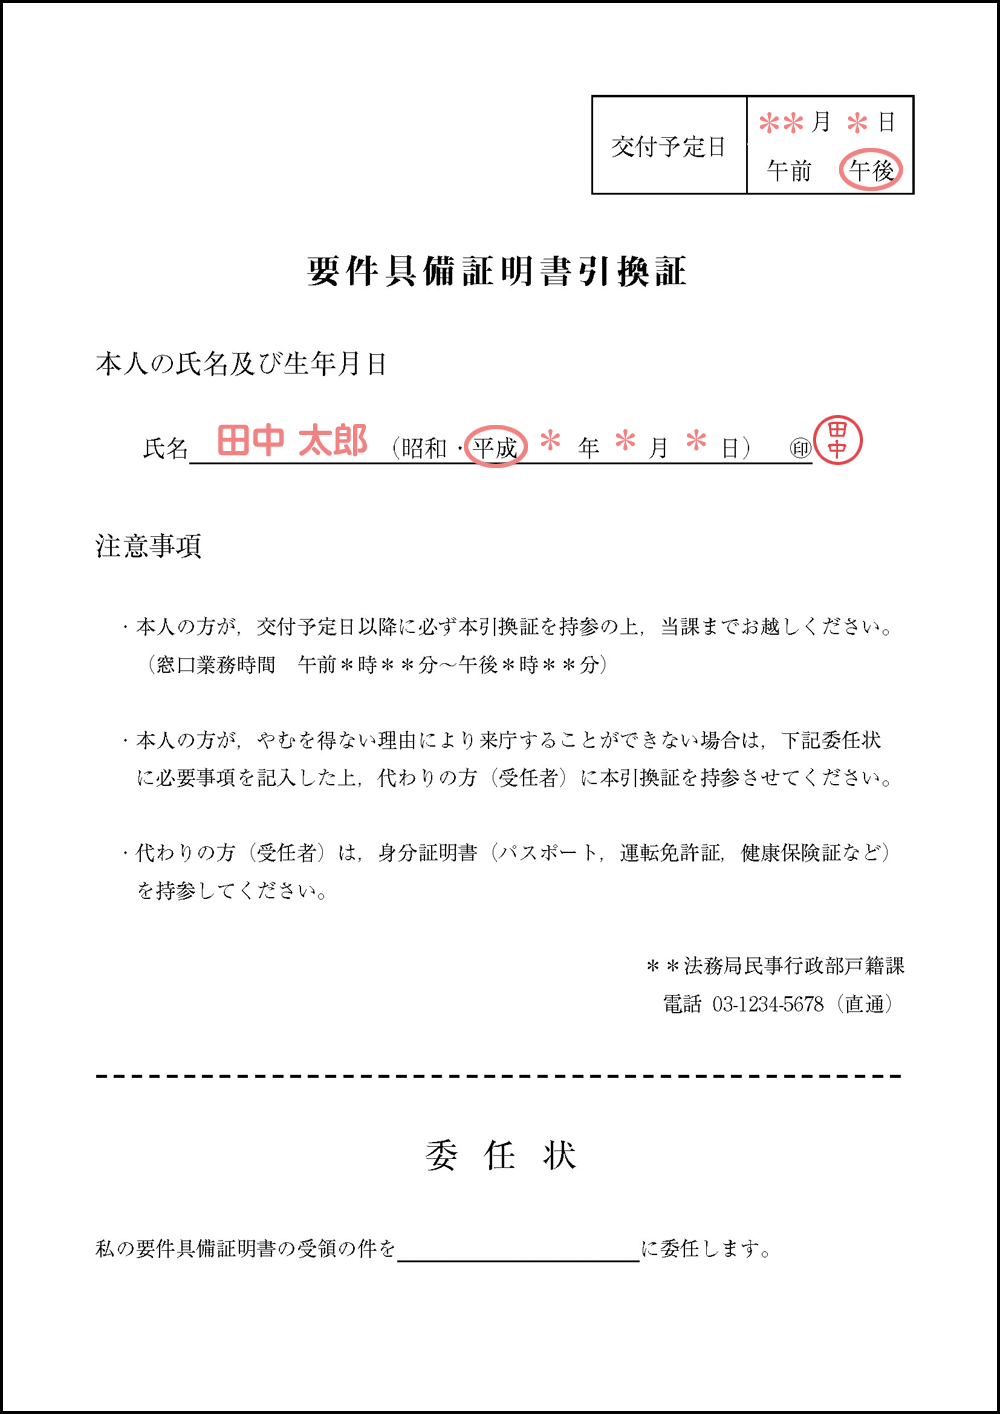 婚姻要件具備証明書の引換証